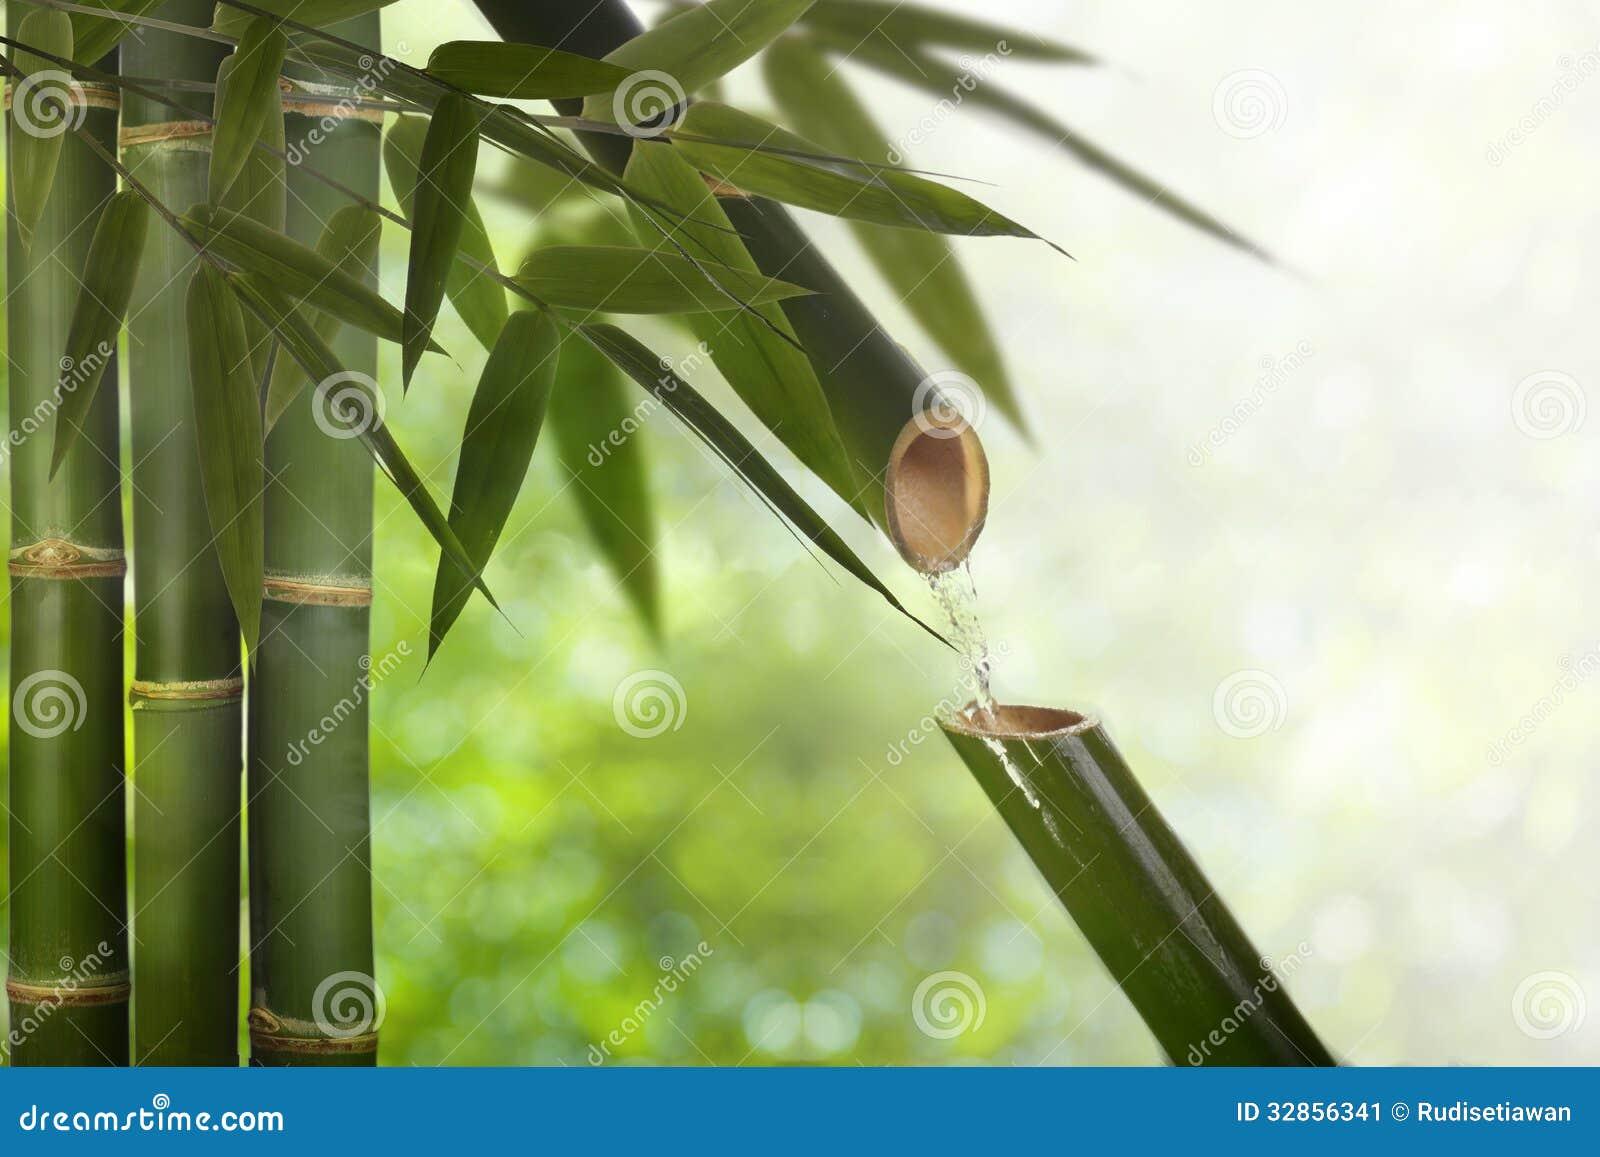 Fontaine en bambou de zen image stock image du jardin for Fontaine zen exterieure bambou